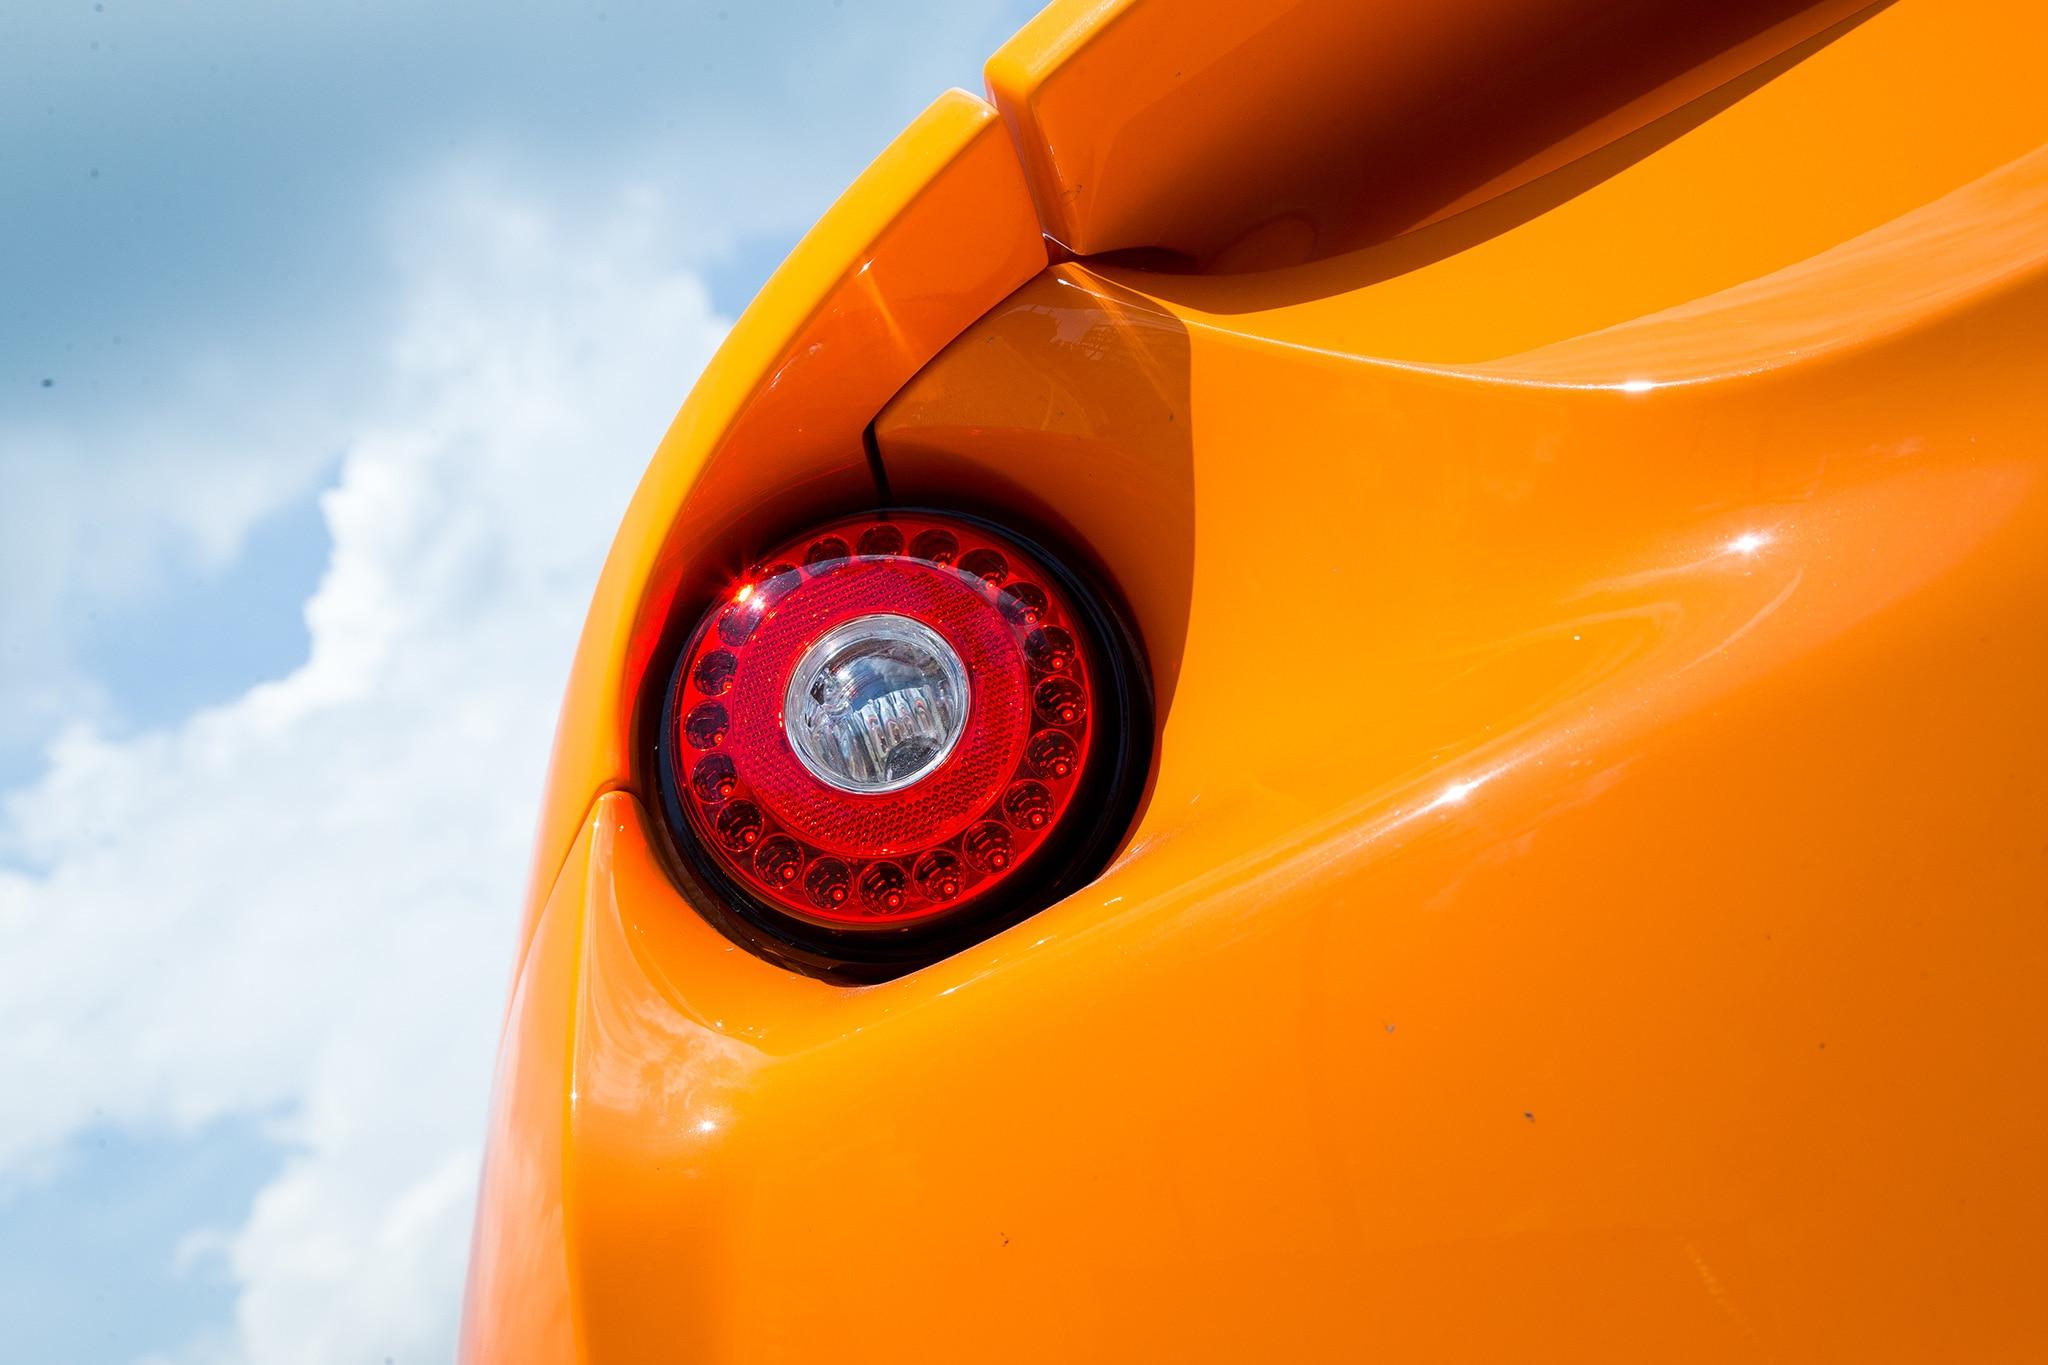 2017 Lotus Evora 400 Tail Lamp